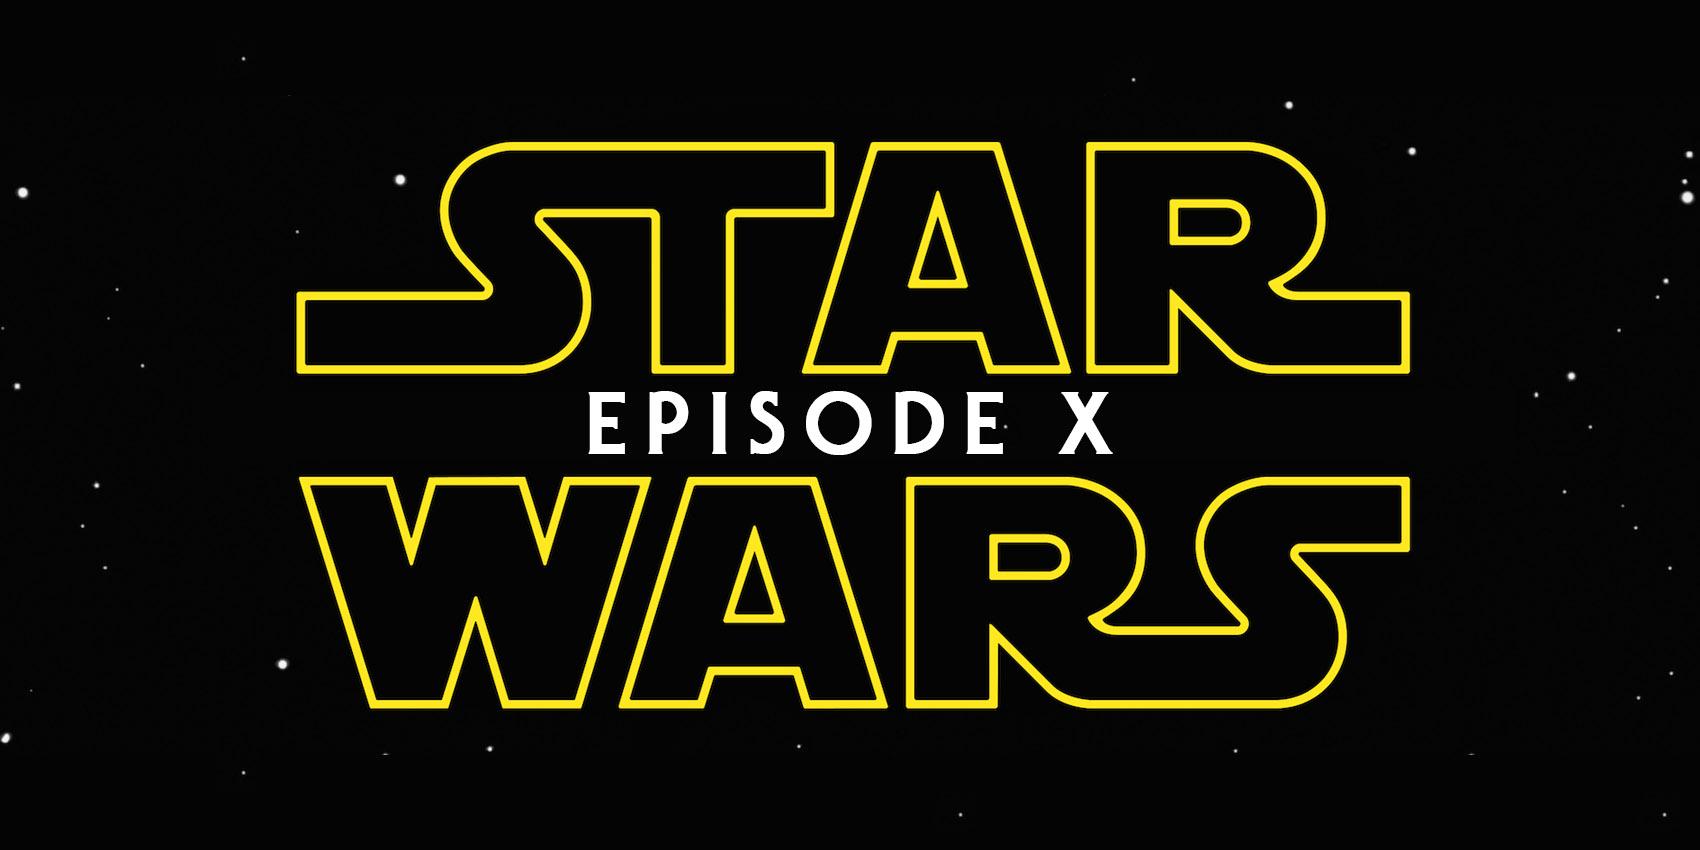 Star Wars Episode X